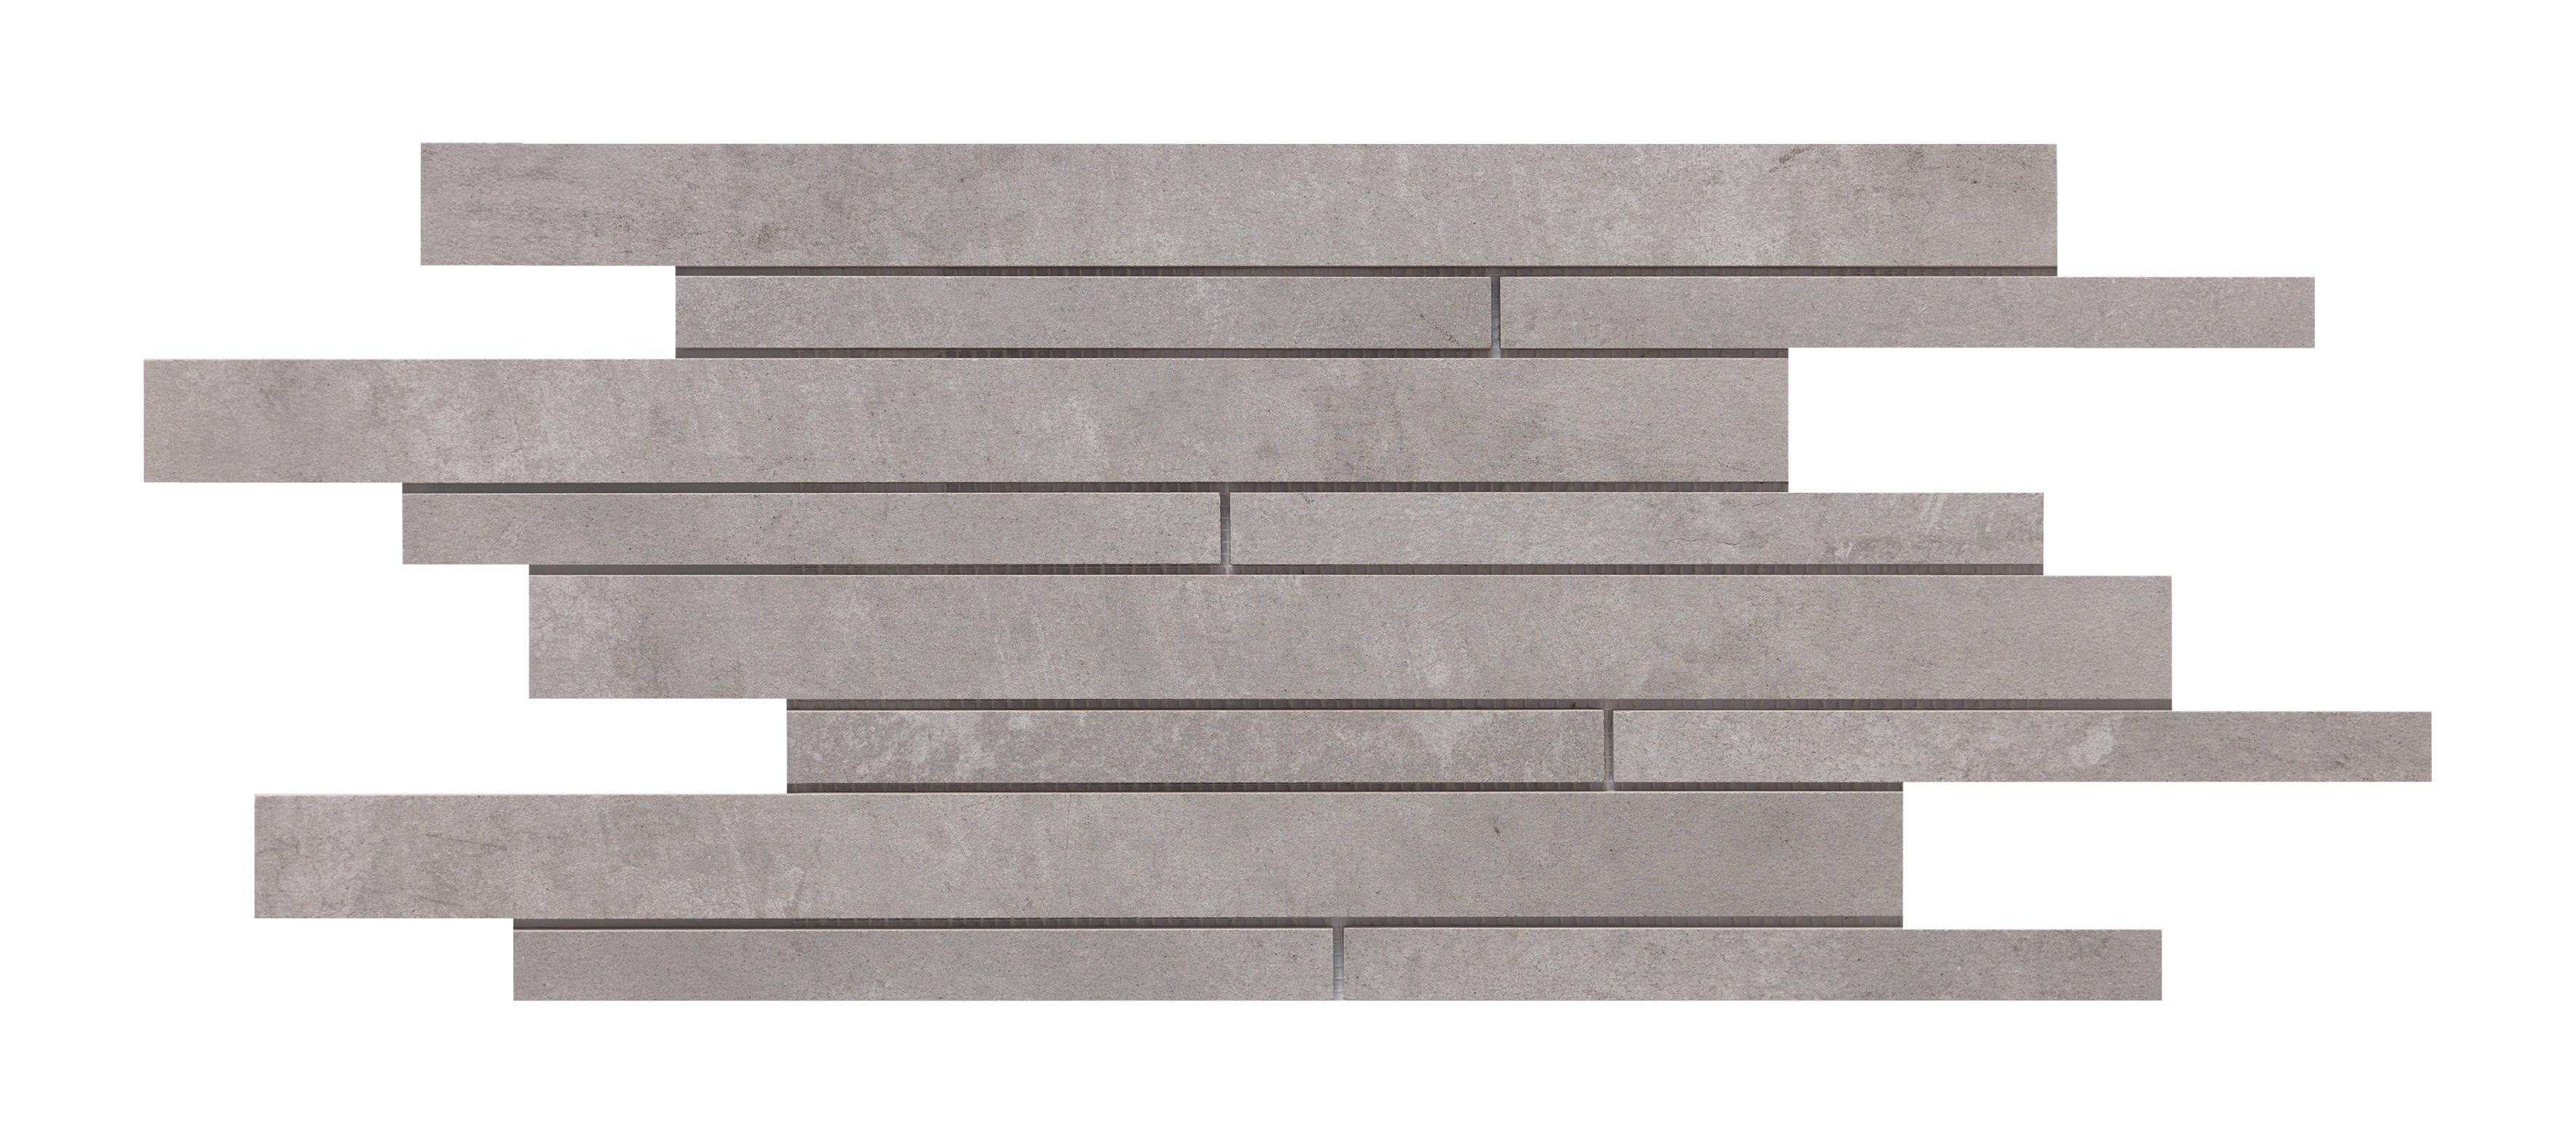 Ambienti Wall Grigio